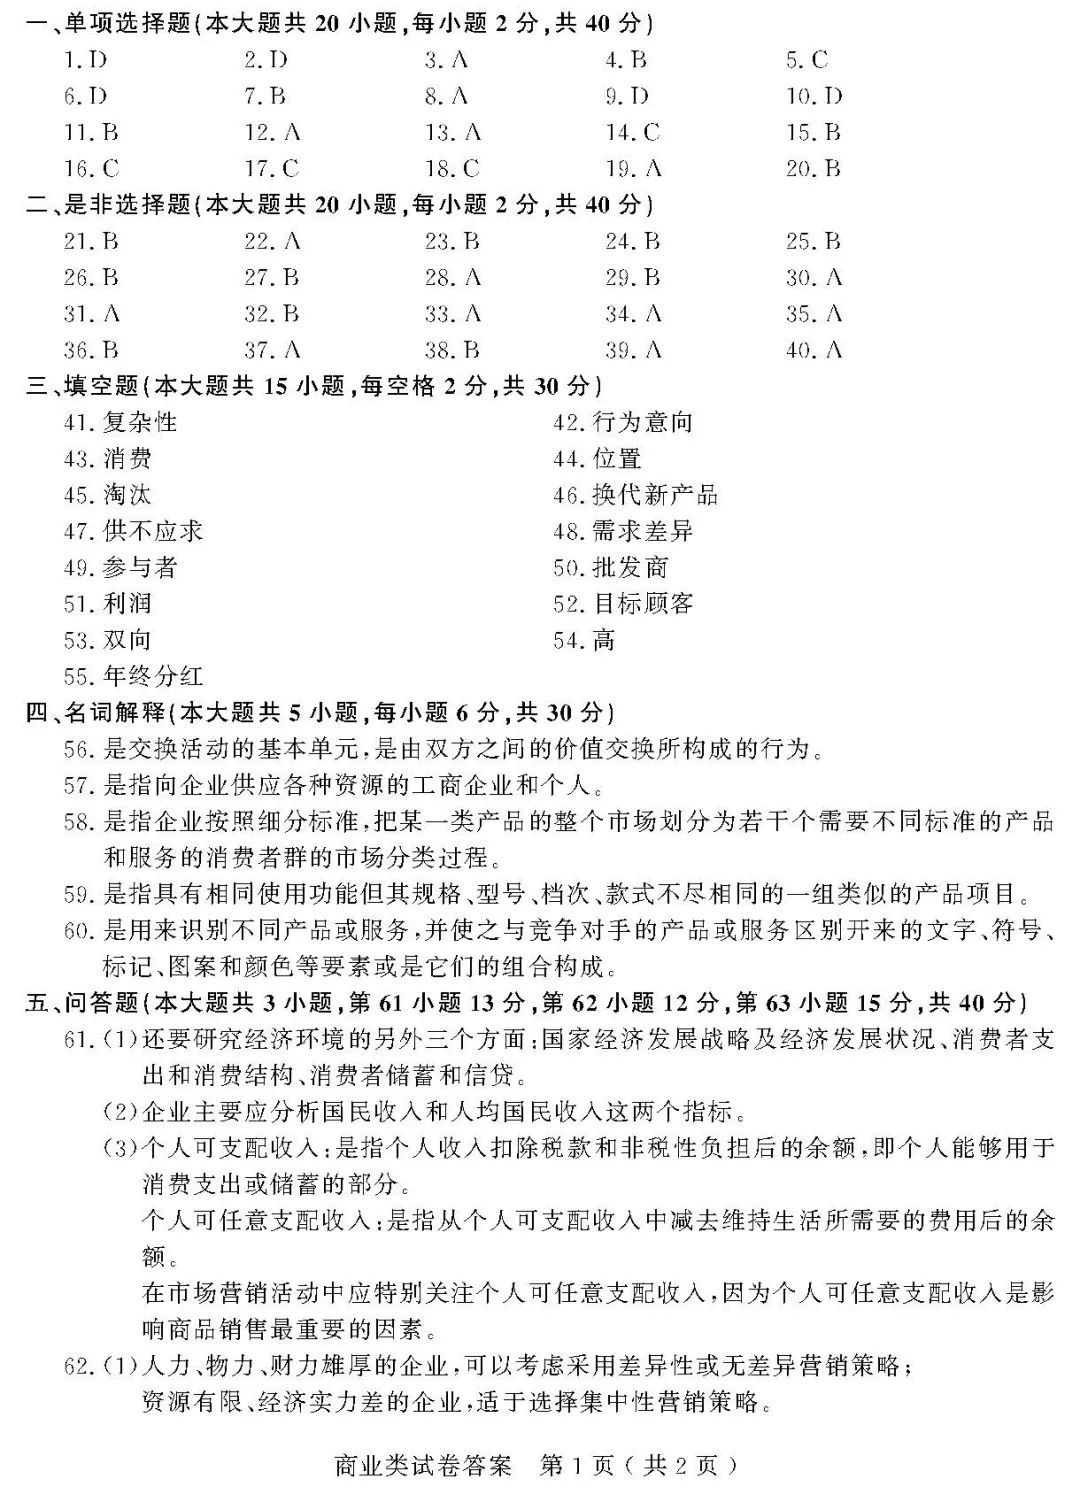 2018浙江高校招生职业技能理论考试商业类试题及参考答案公布